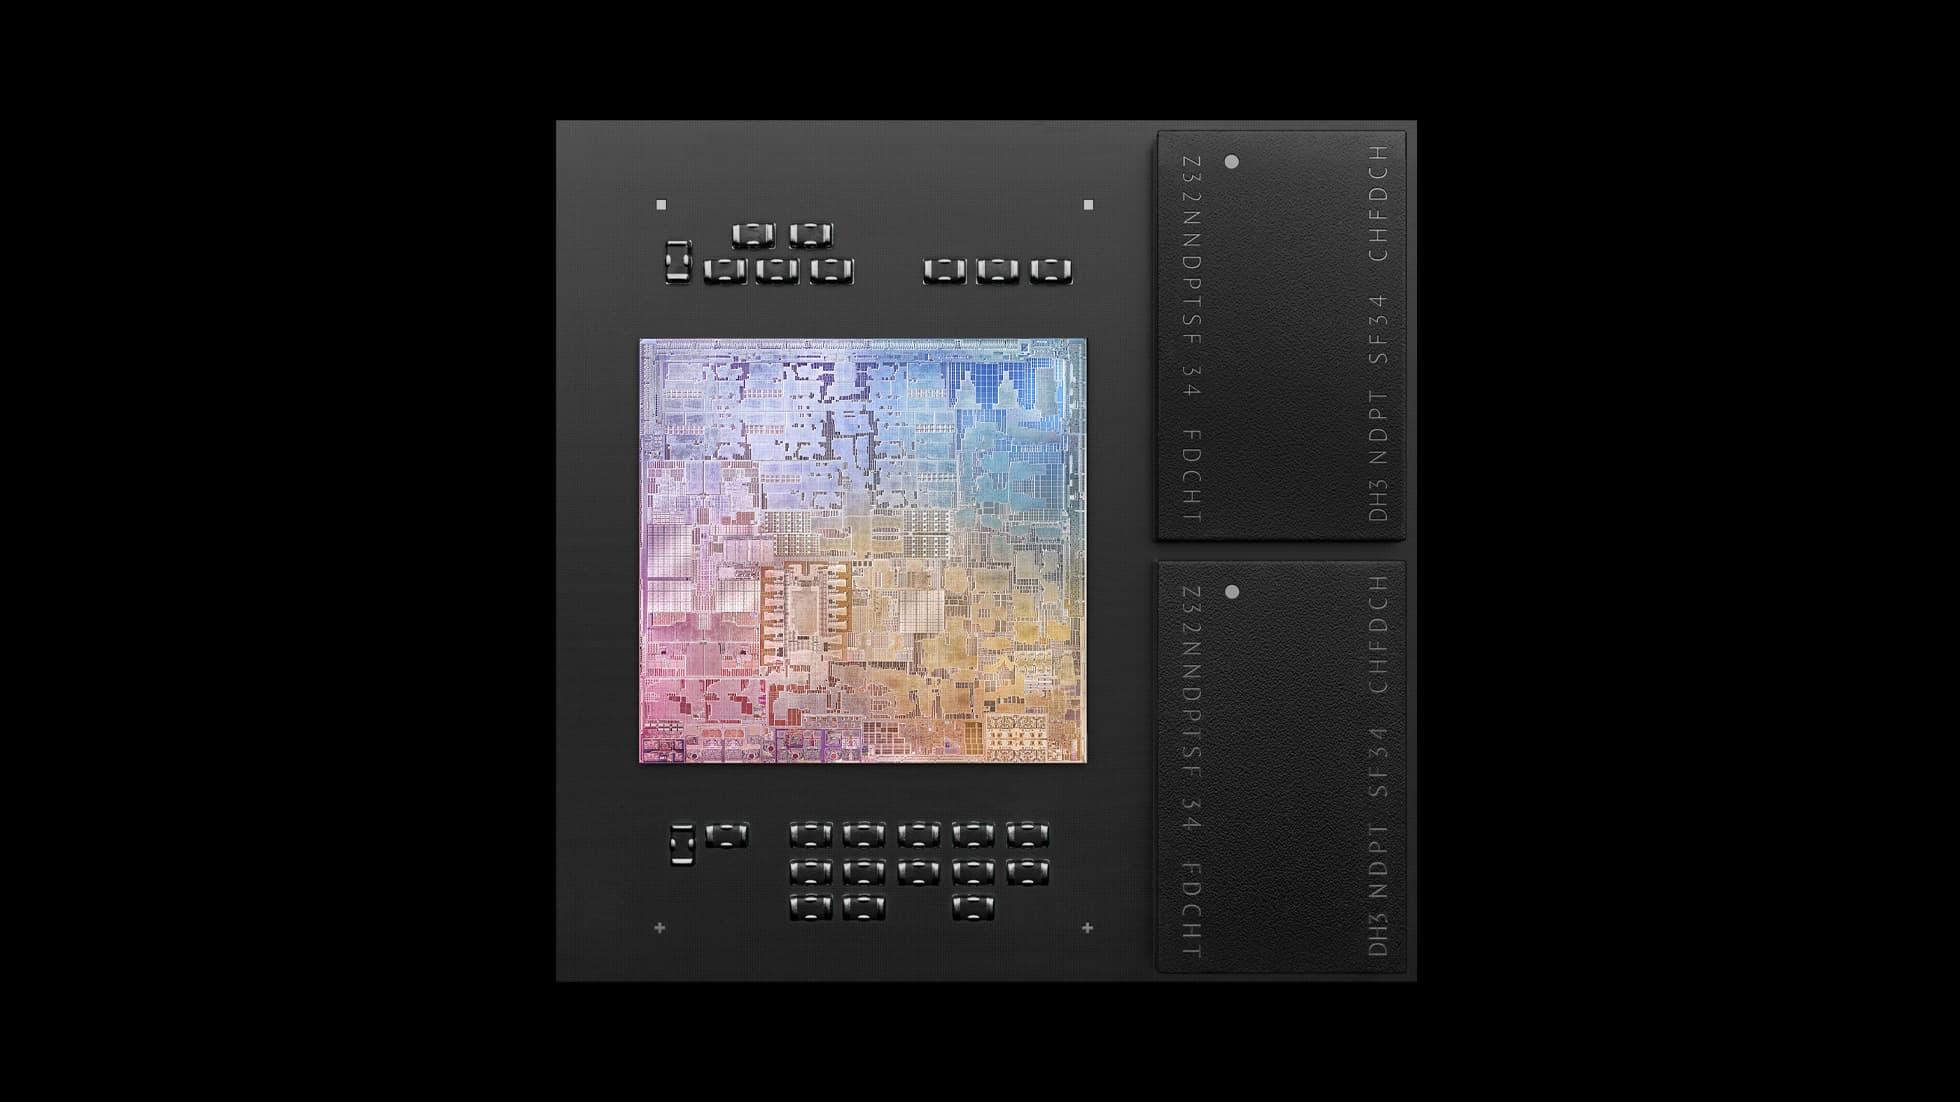 新款搭載10核心晶片,效能比M1晶片更快